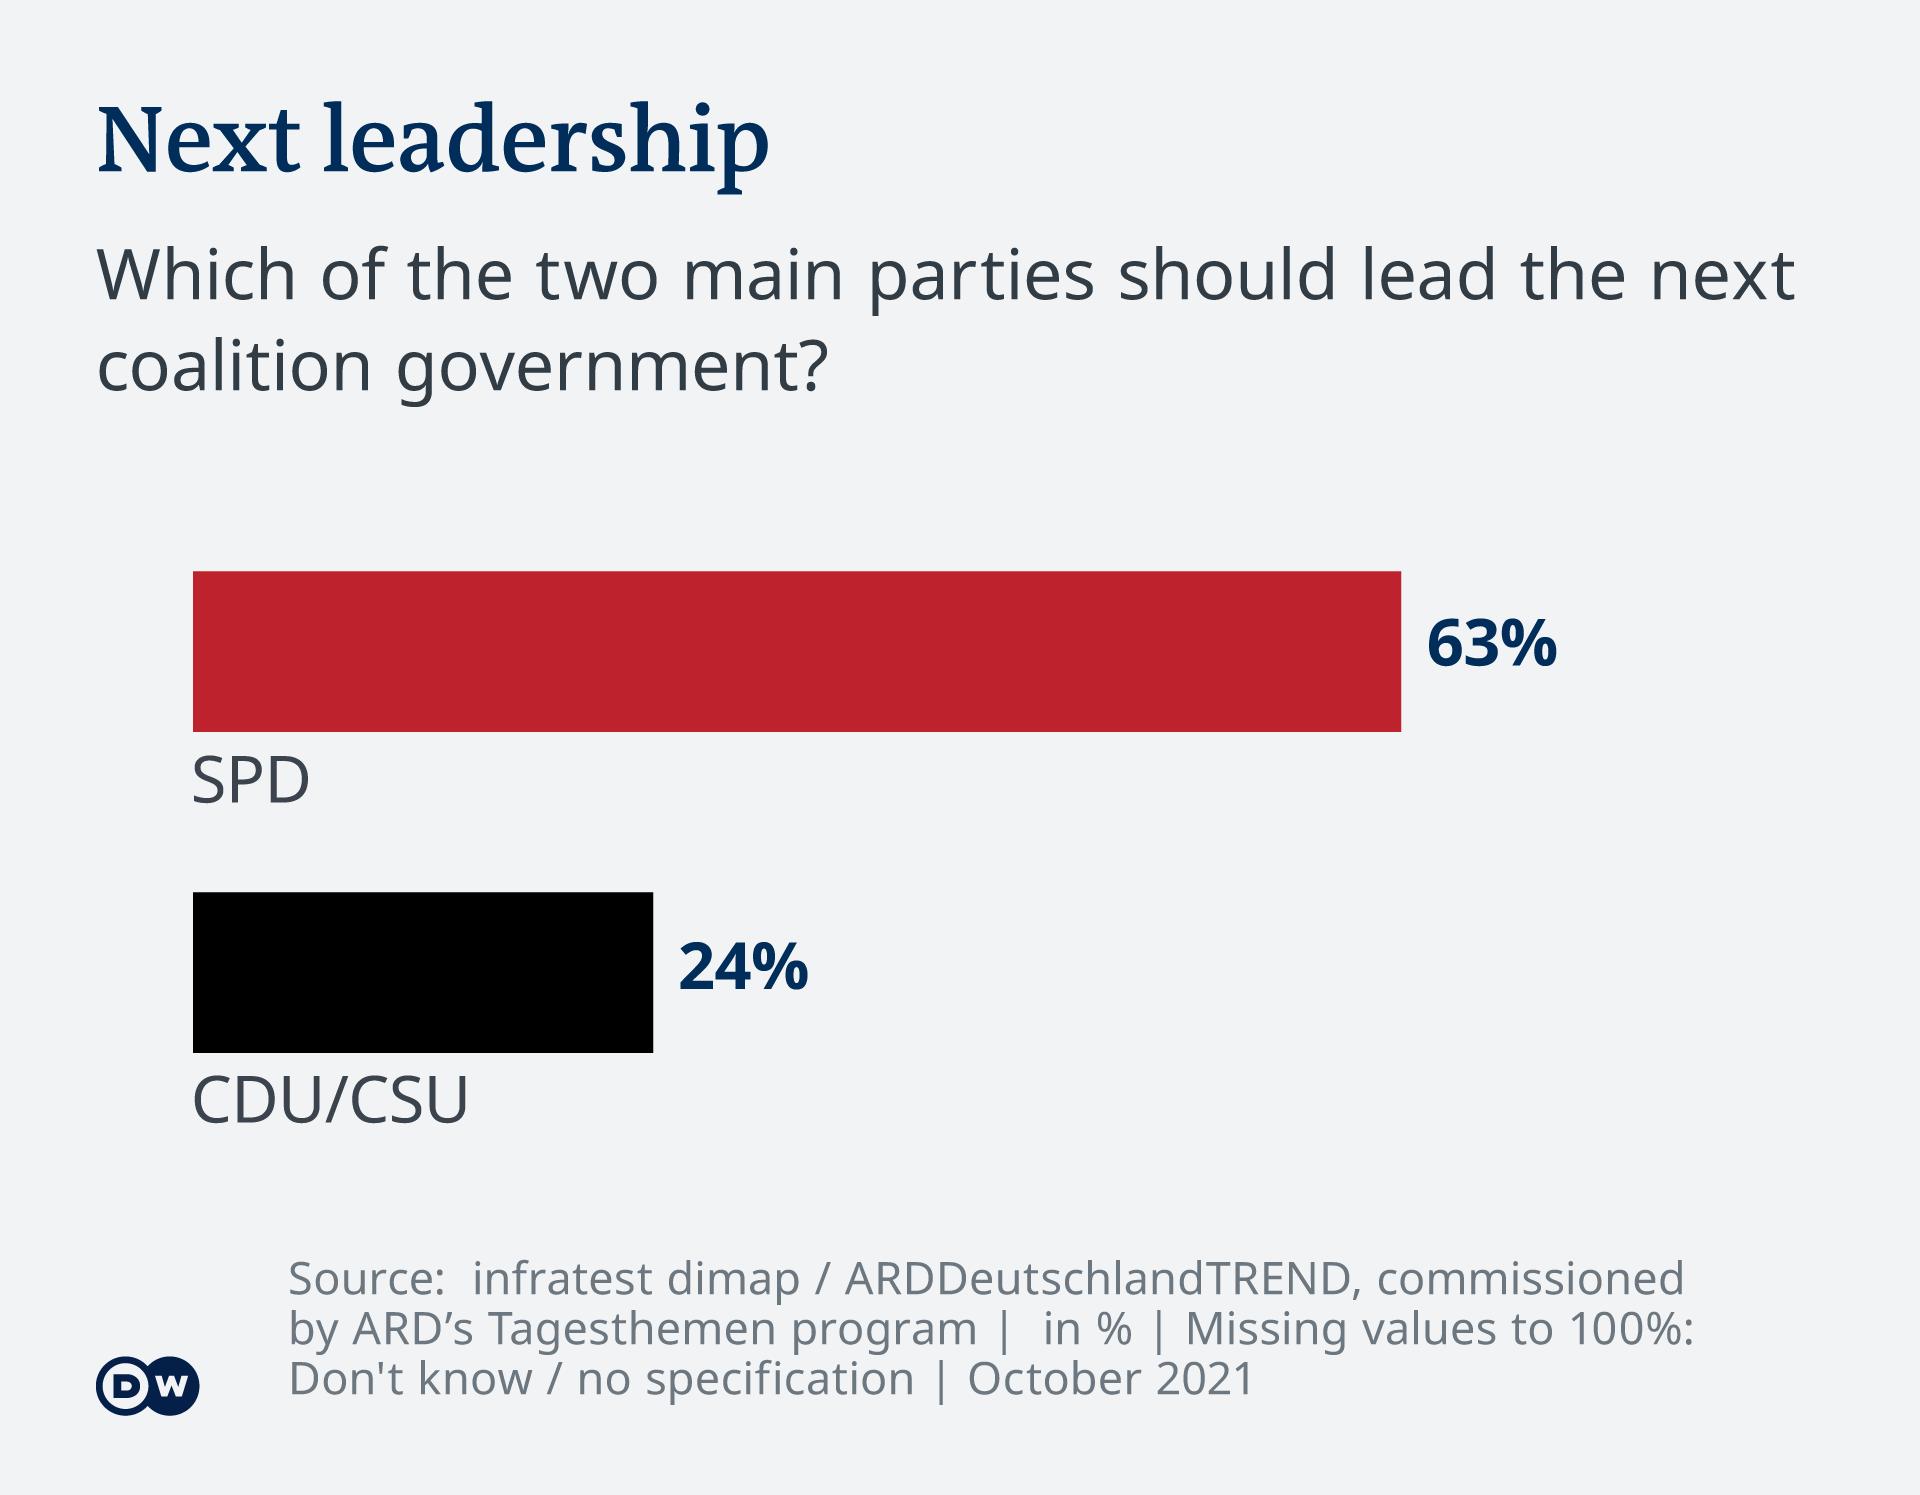 Infografică Deutschlandtrend partidul care să conducă noua coaliție de guvernare